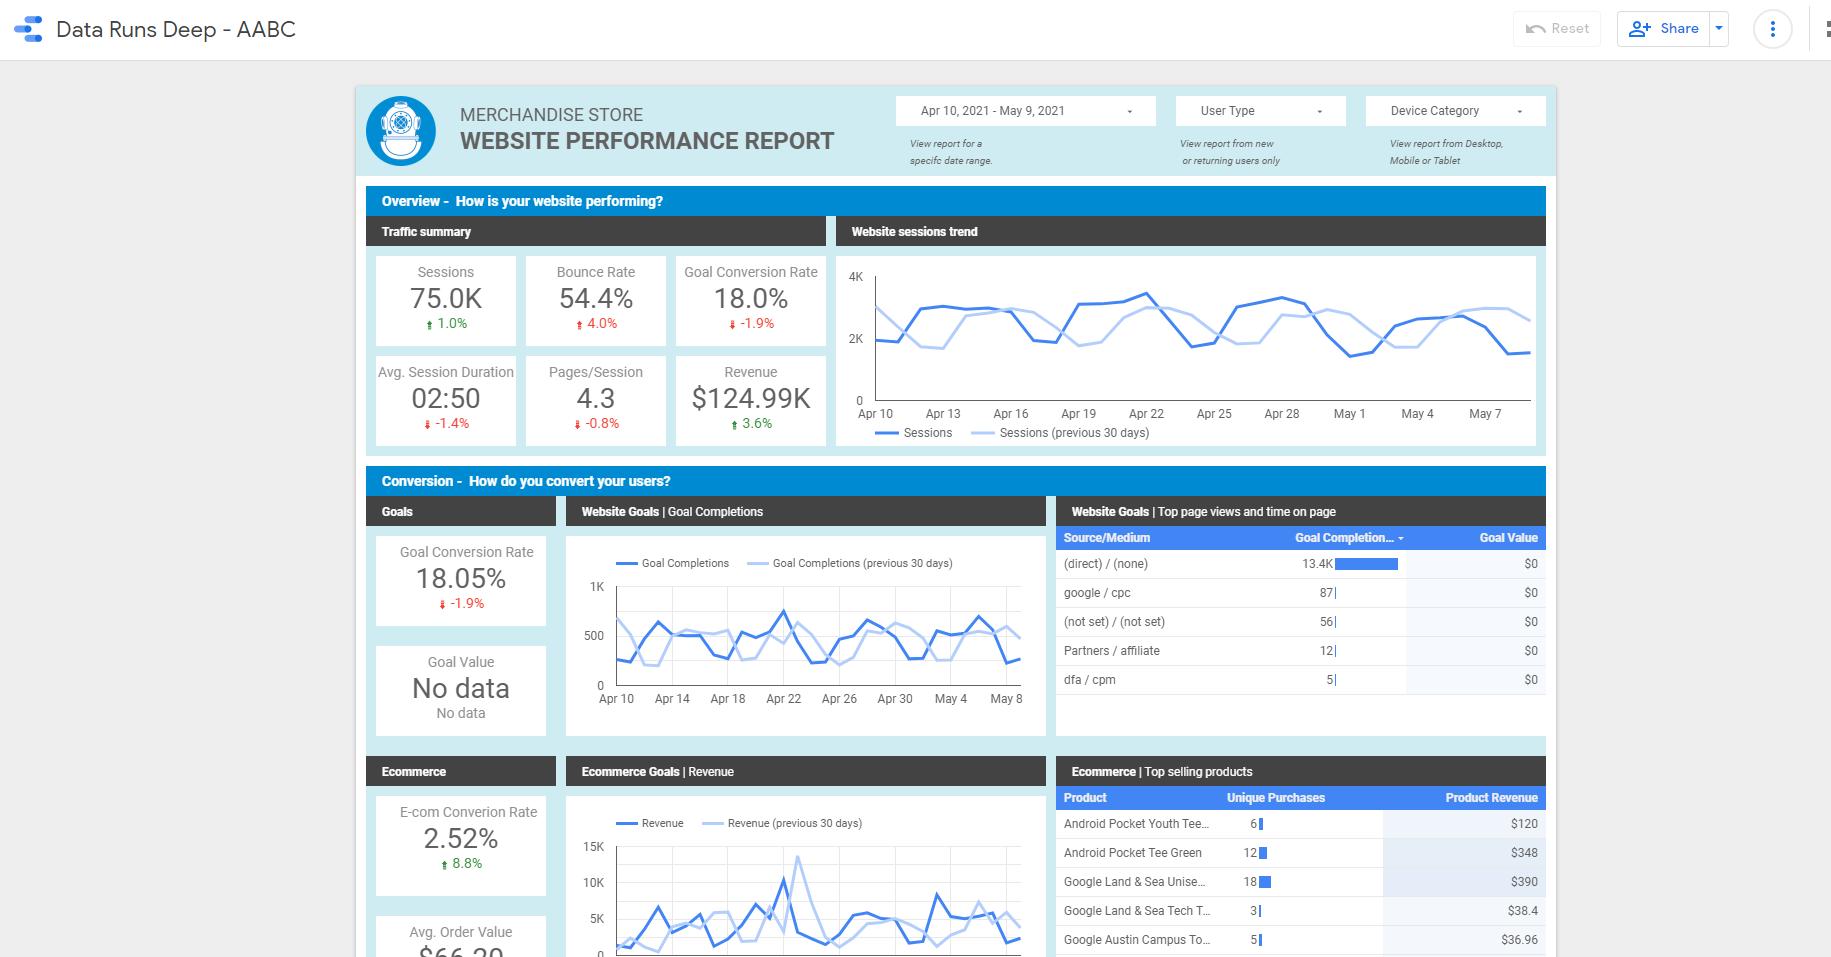 Data Runs Deep Website Performance Report